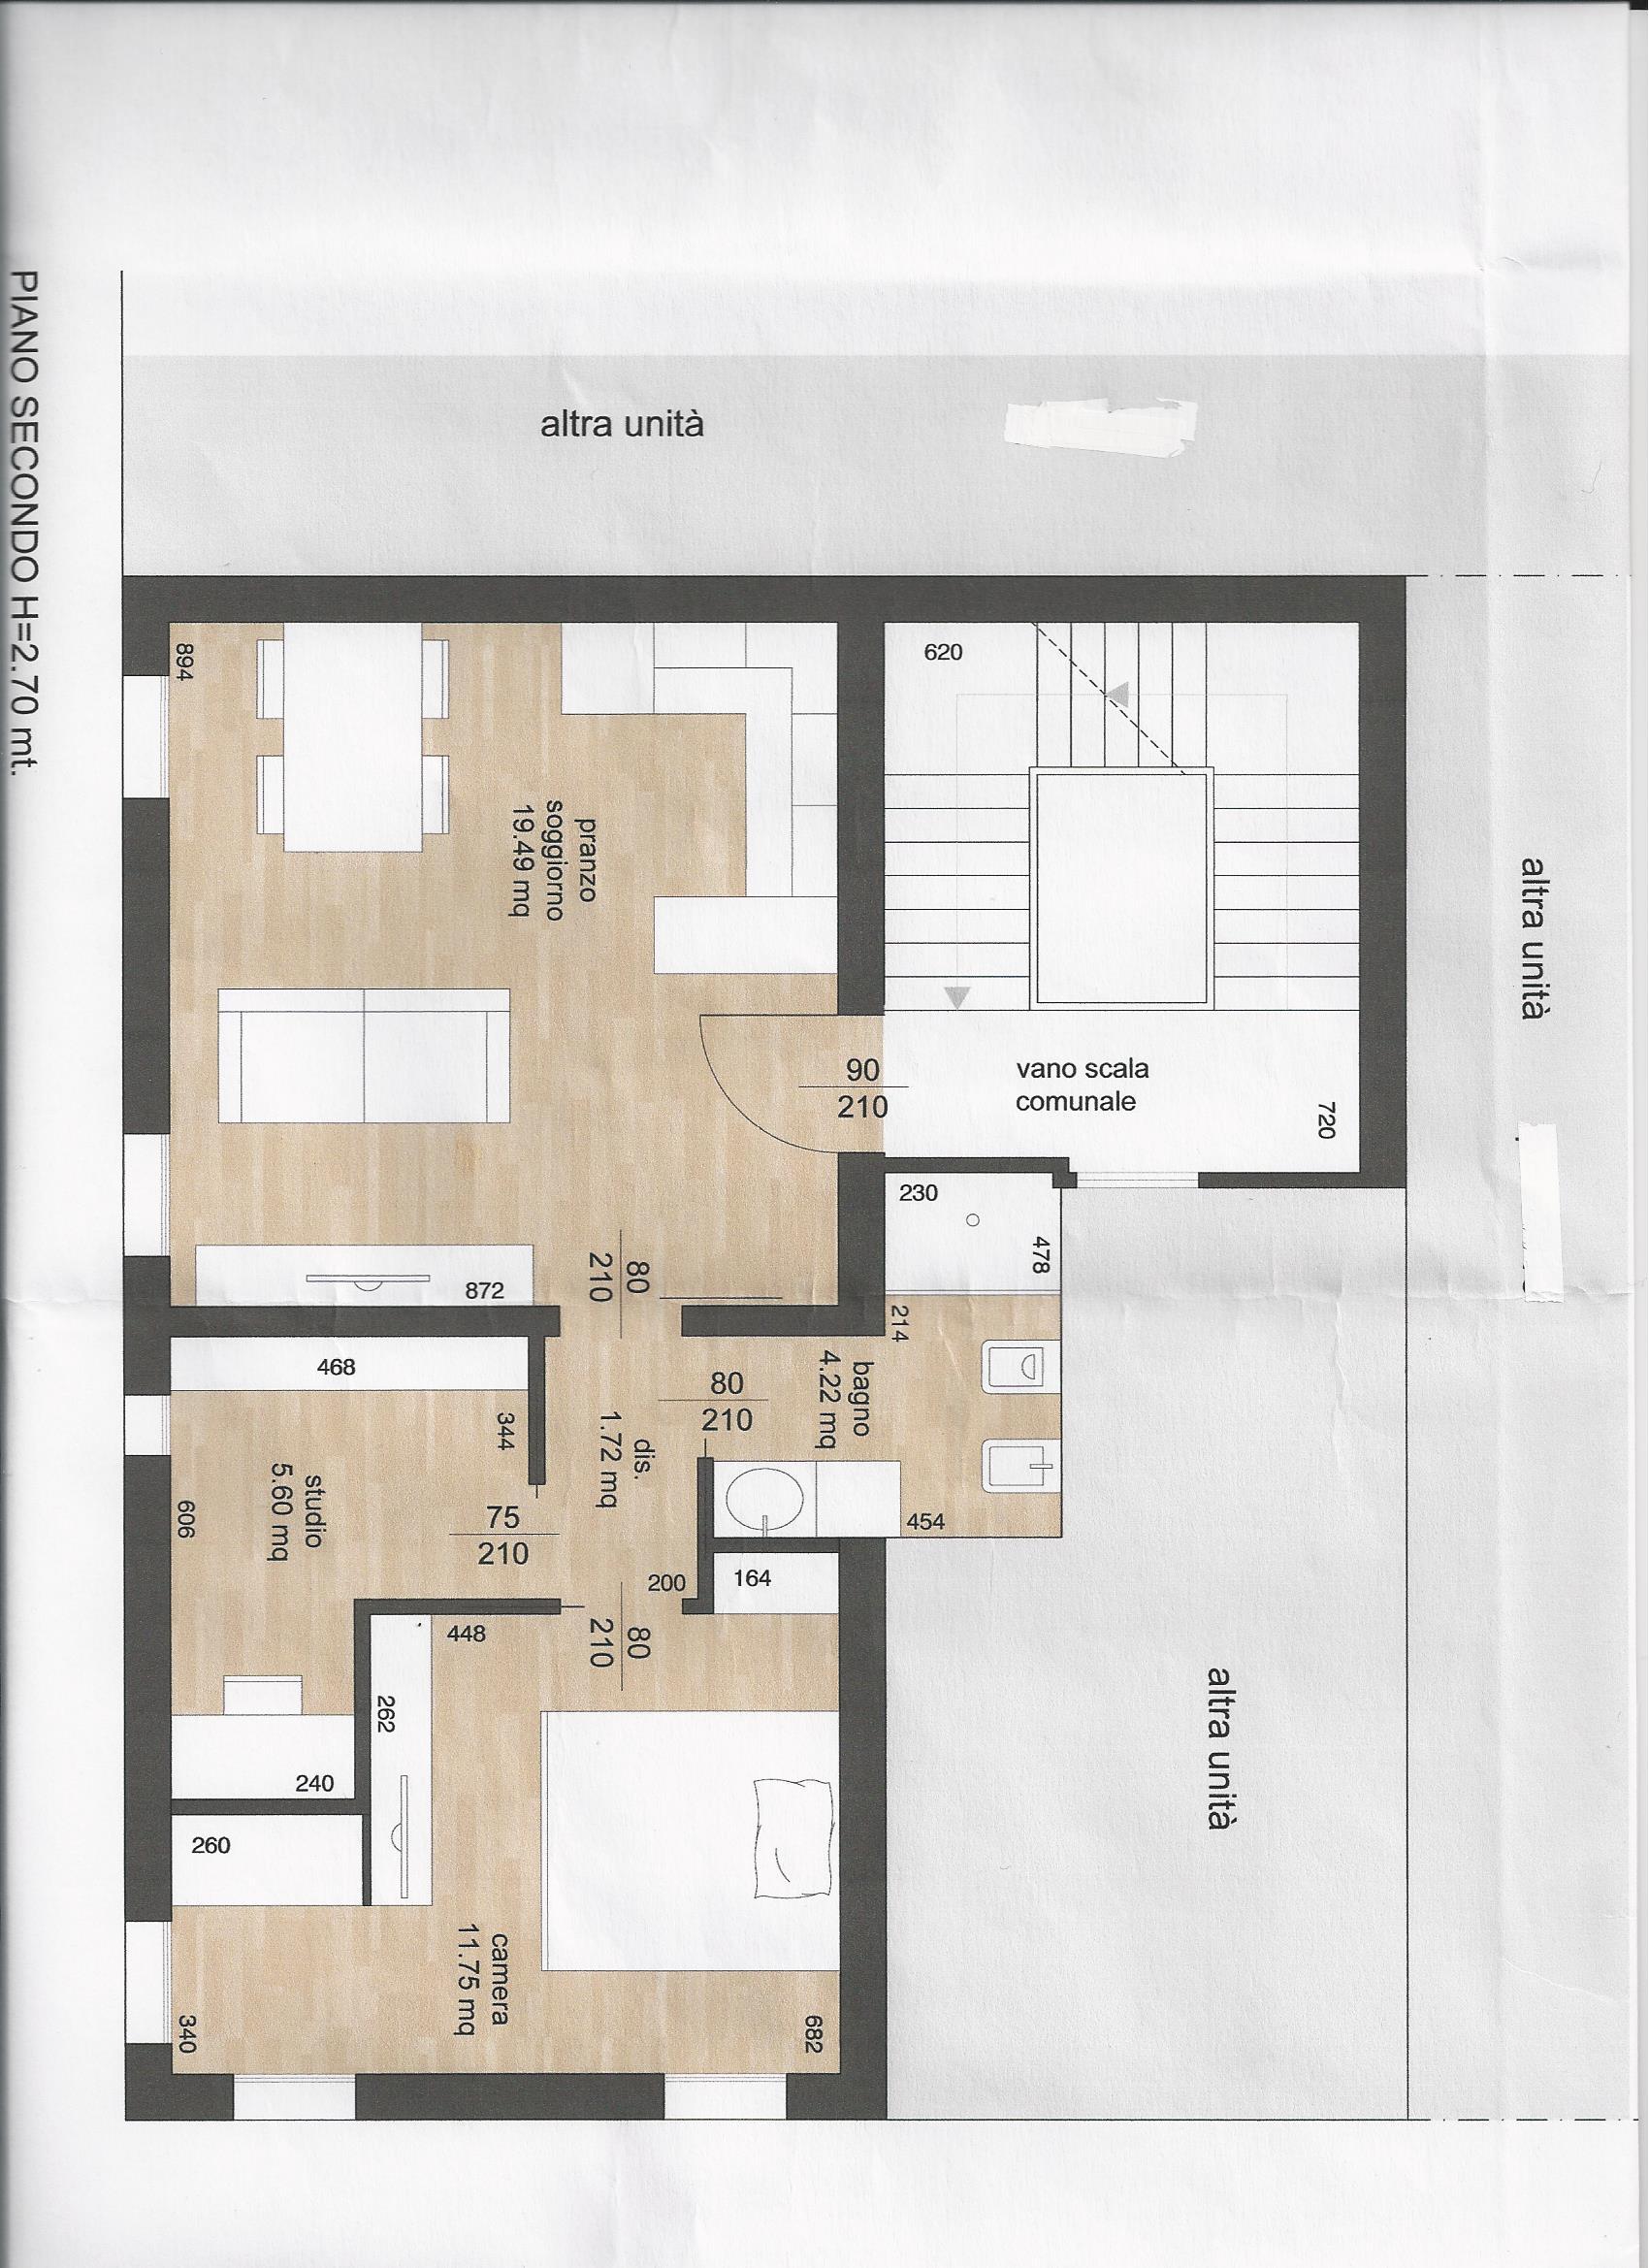 Appartamento a Chioggia di nuova ristrutturazione dotato di ascensore